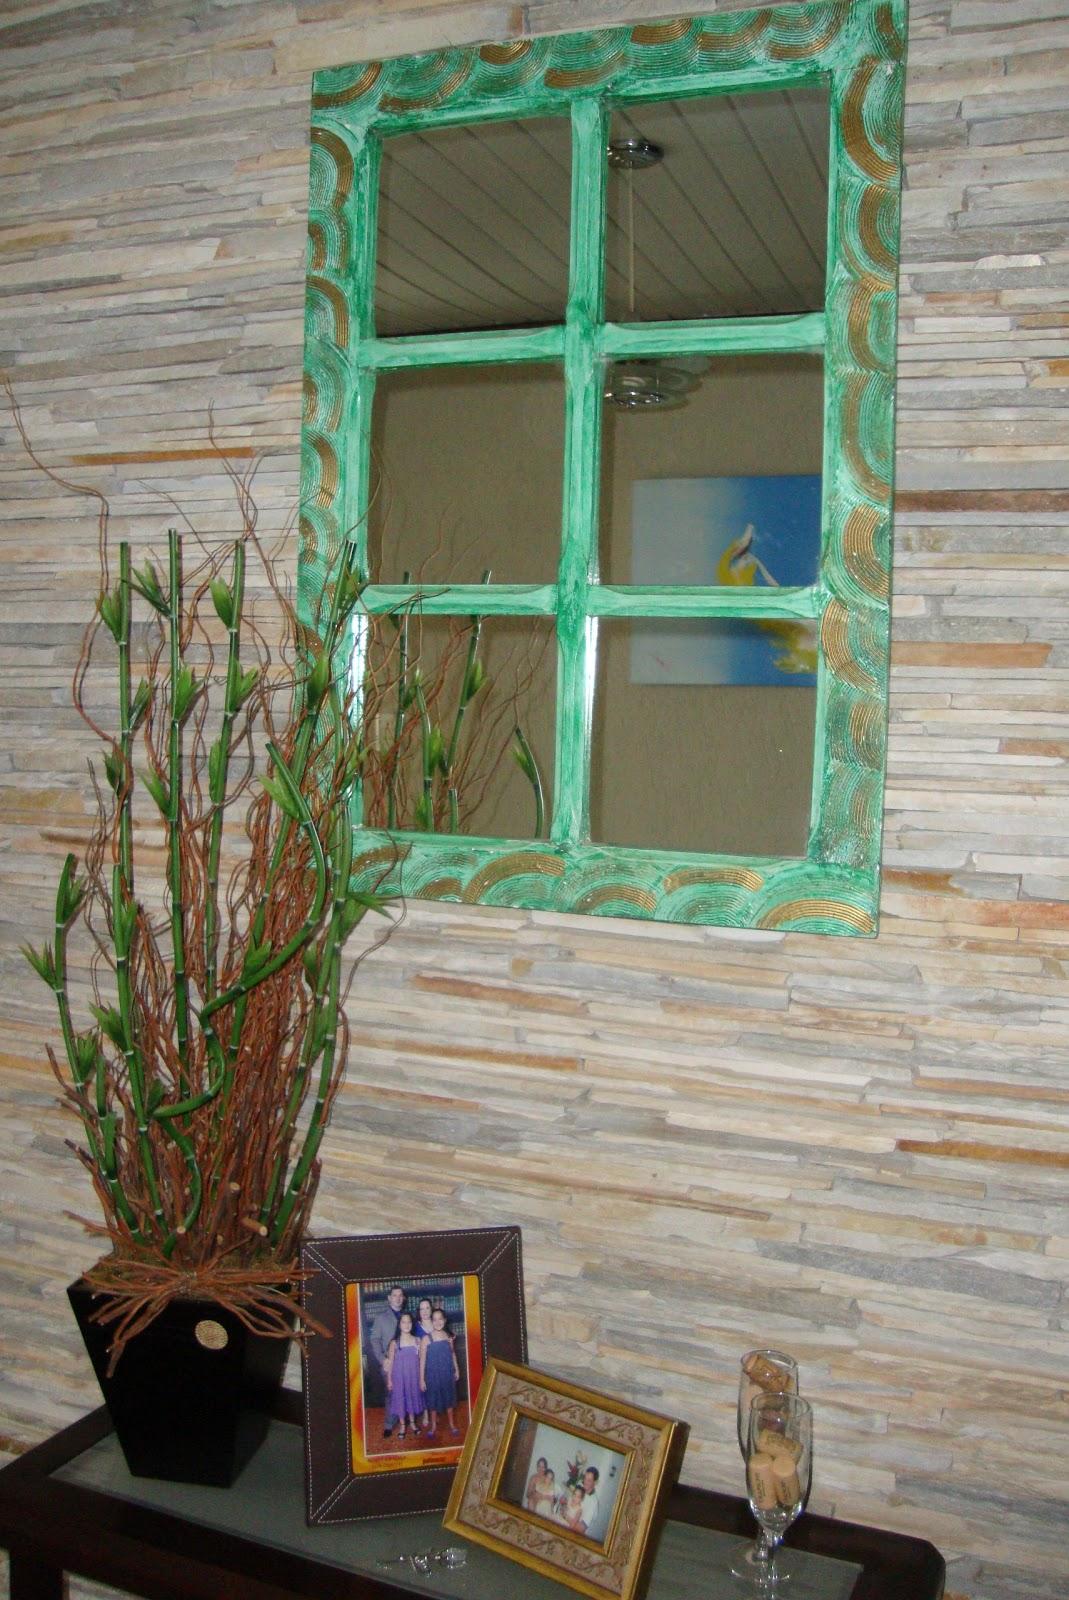 Extremamente De Turista a Viajante: Espelhos na janela de demolição EA63